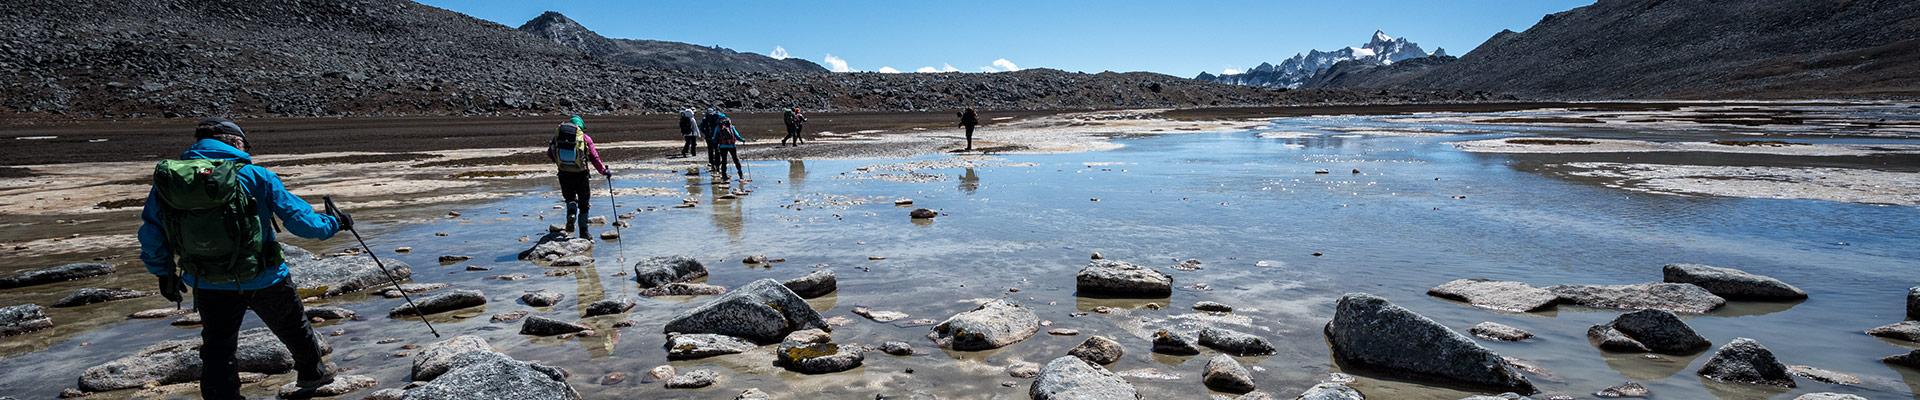 Top image trekkeurs sur un plan d'eau près de Rinchen Zoe La, Bhoutan